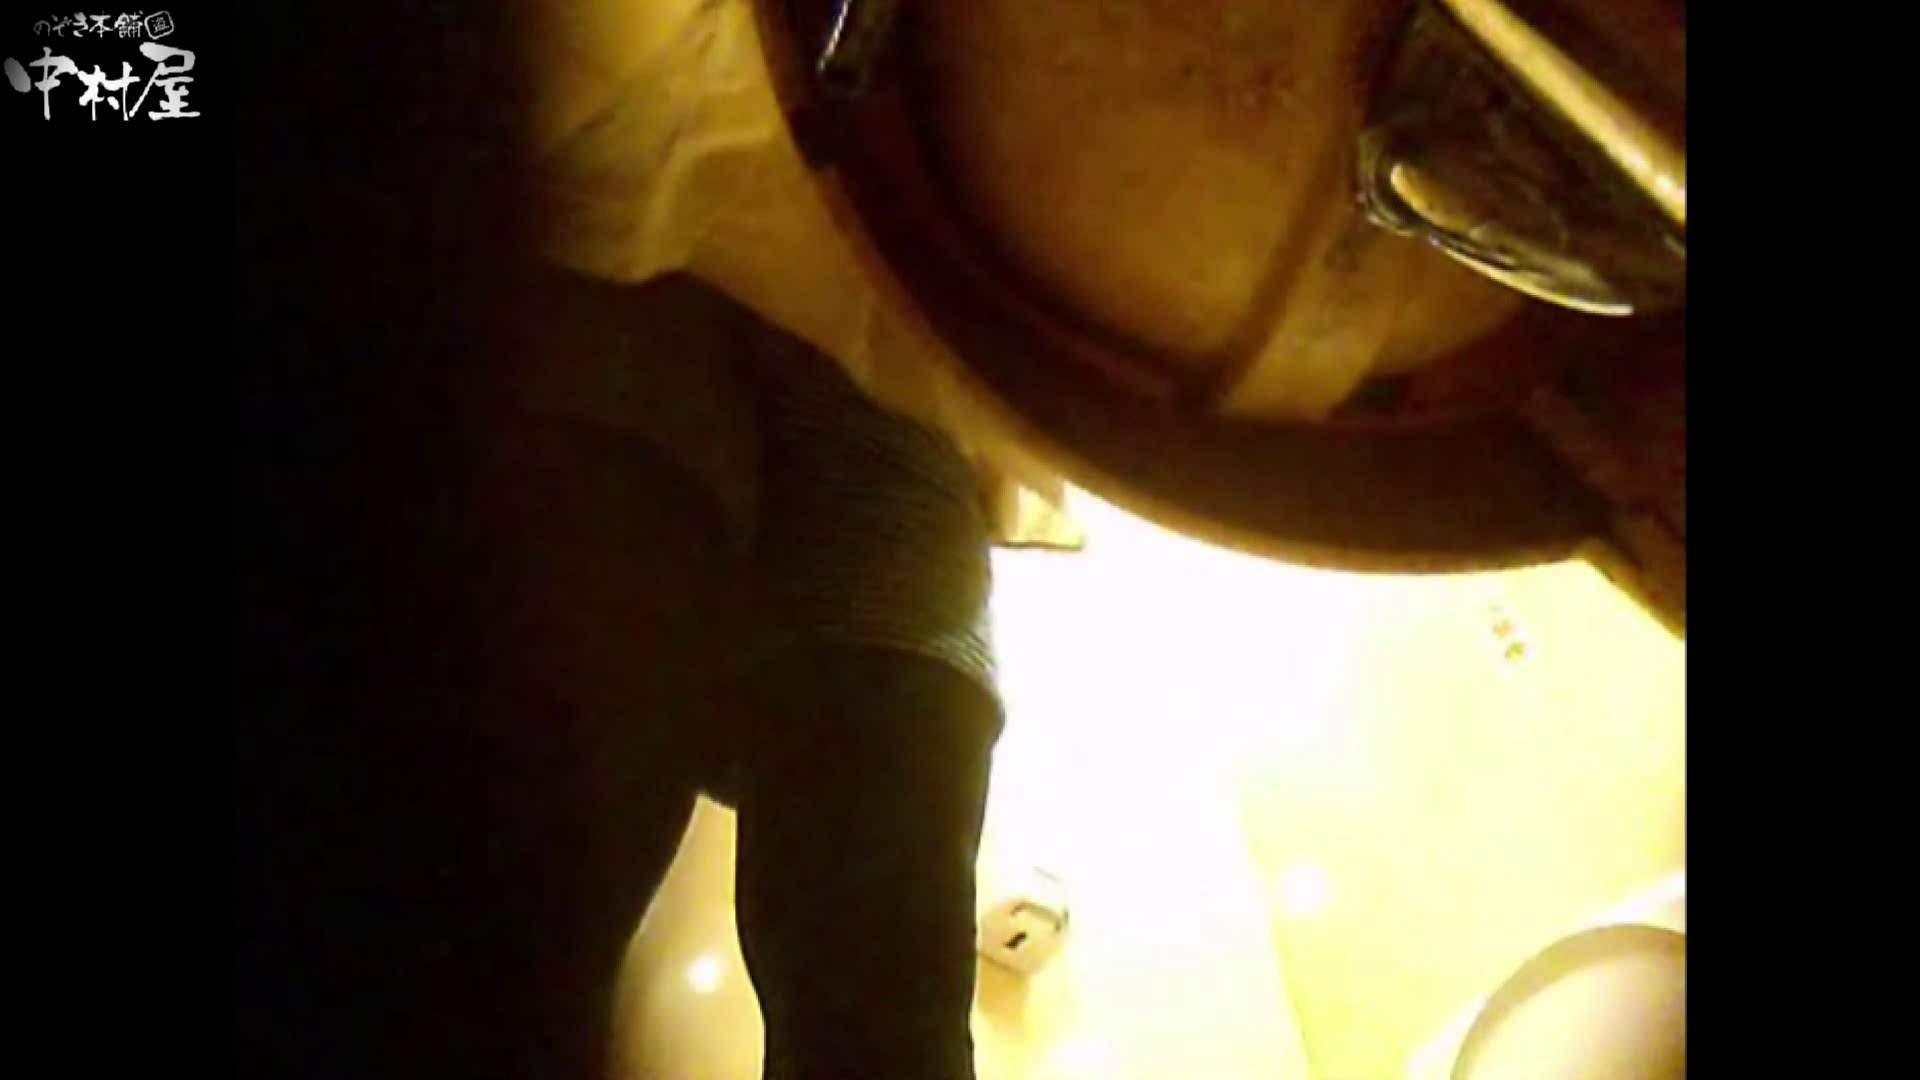 ガチ盗撮!突撃!女子化粧室の真実~セカンドシーズン~vo.02 ぽっちゃり | 盗撮  72連発 61